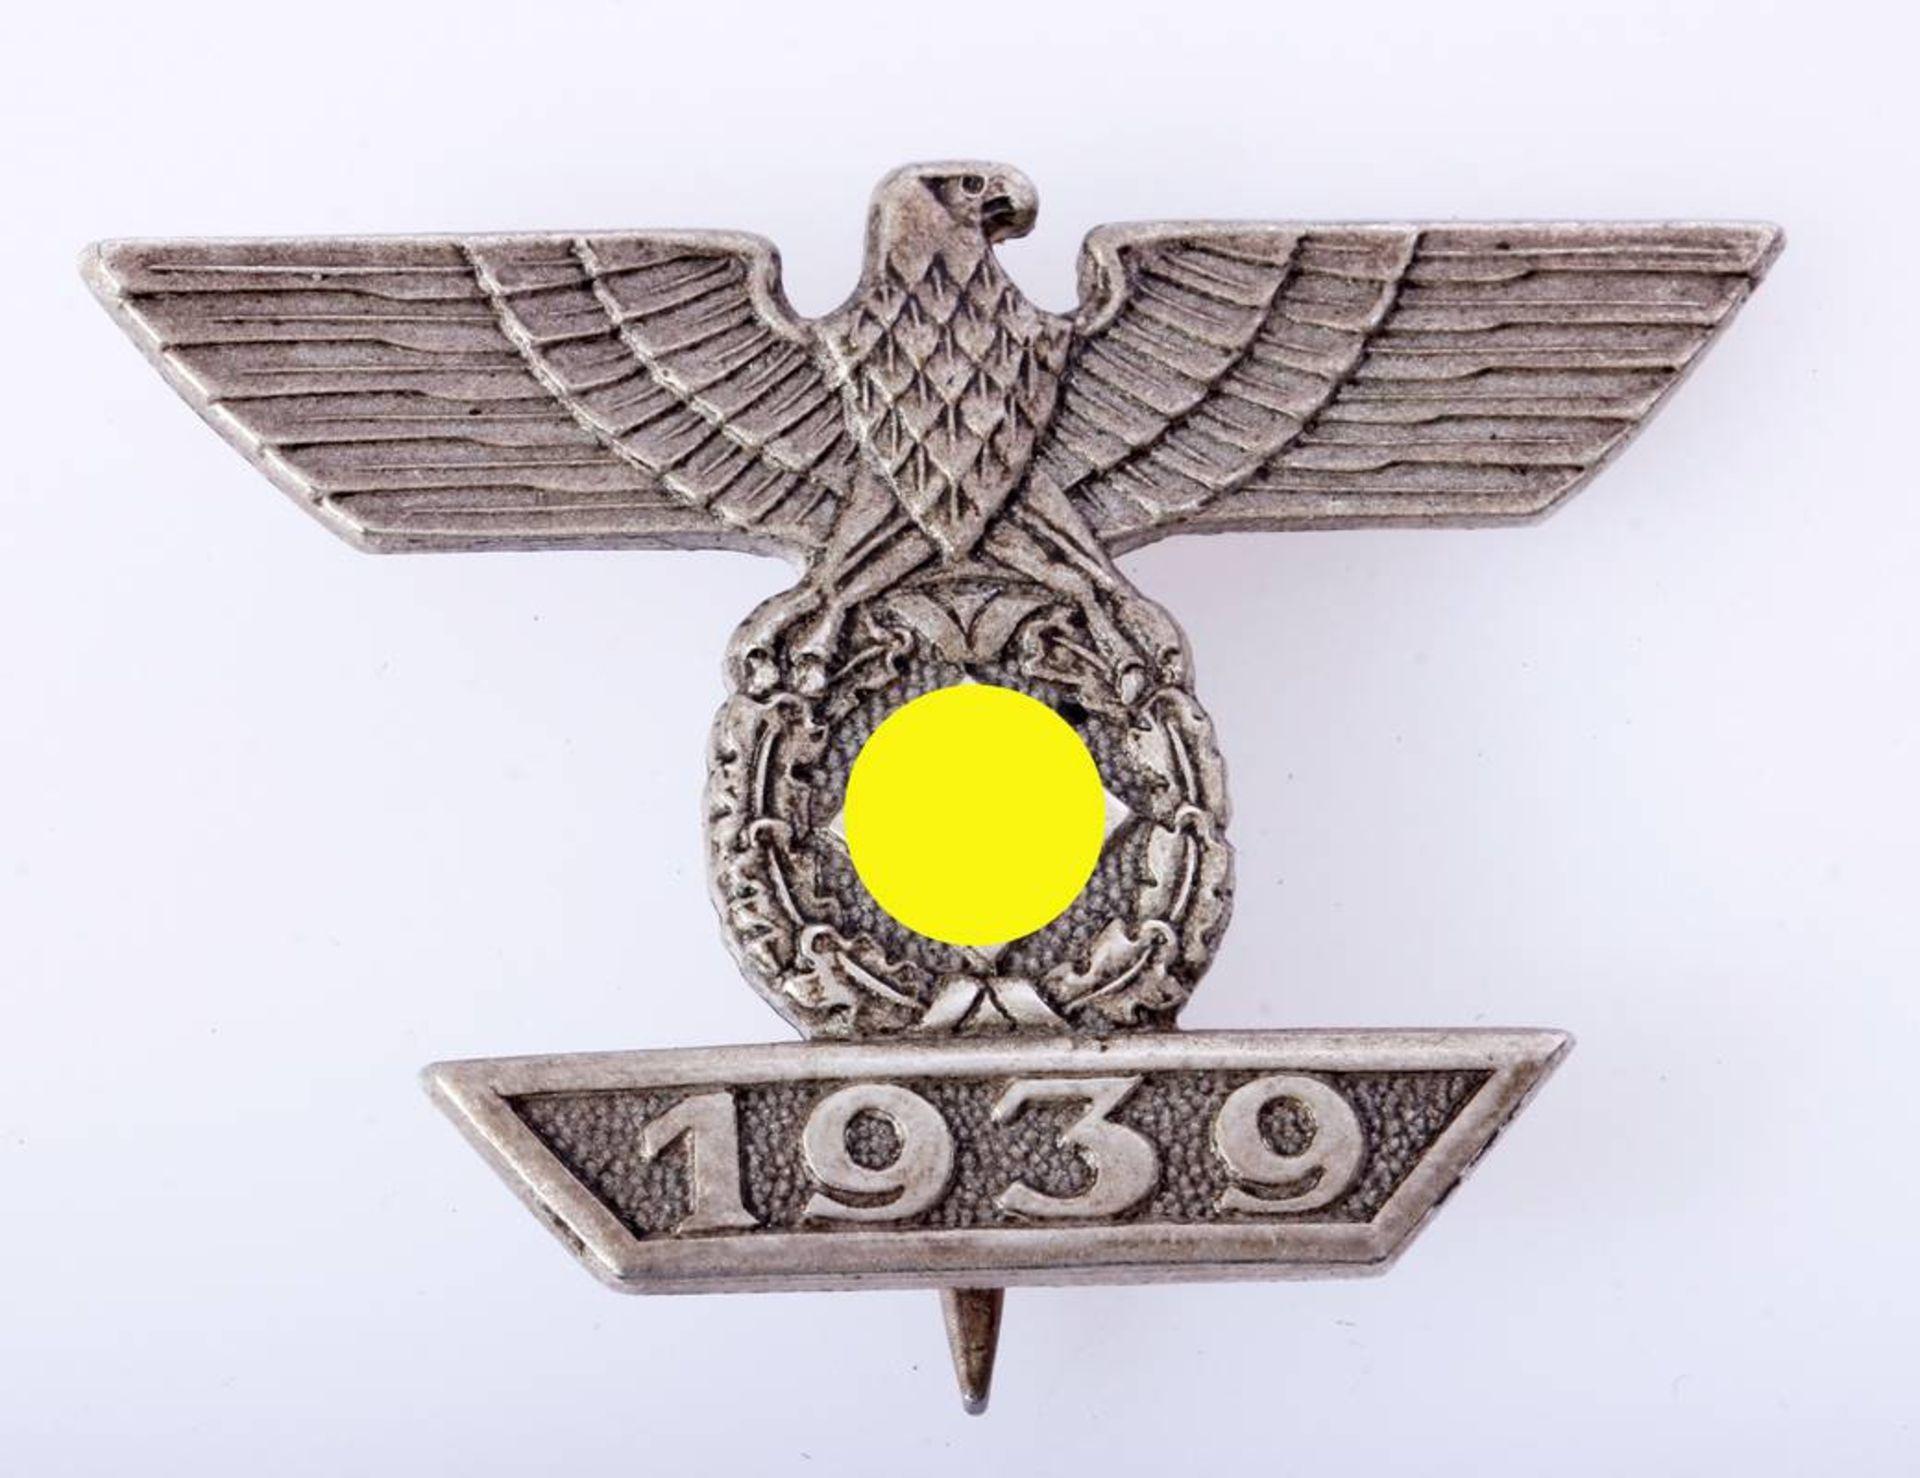 Wiederhohlungsspange EK1 1939 an NadelWiederhohlungsspange zum Eisernen Kreuz 1.Klasse 1939 an